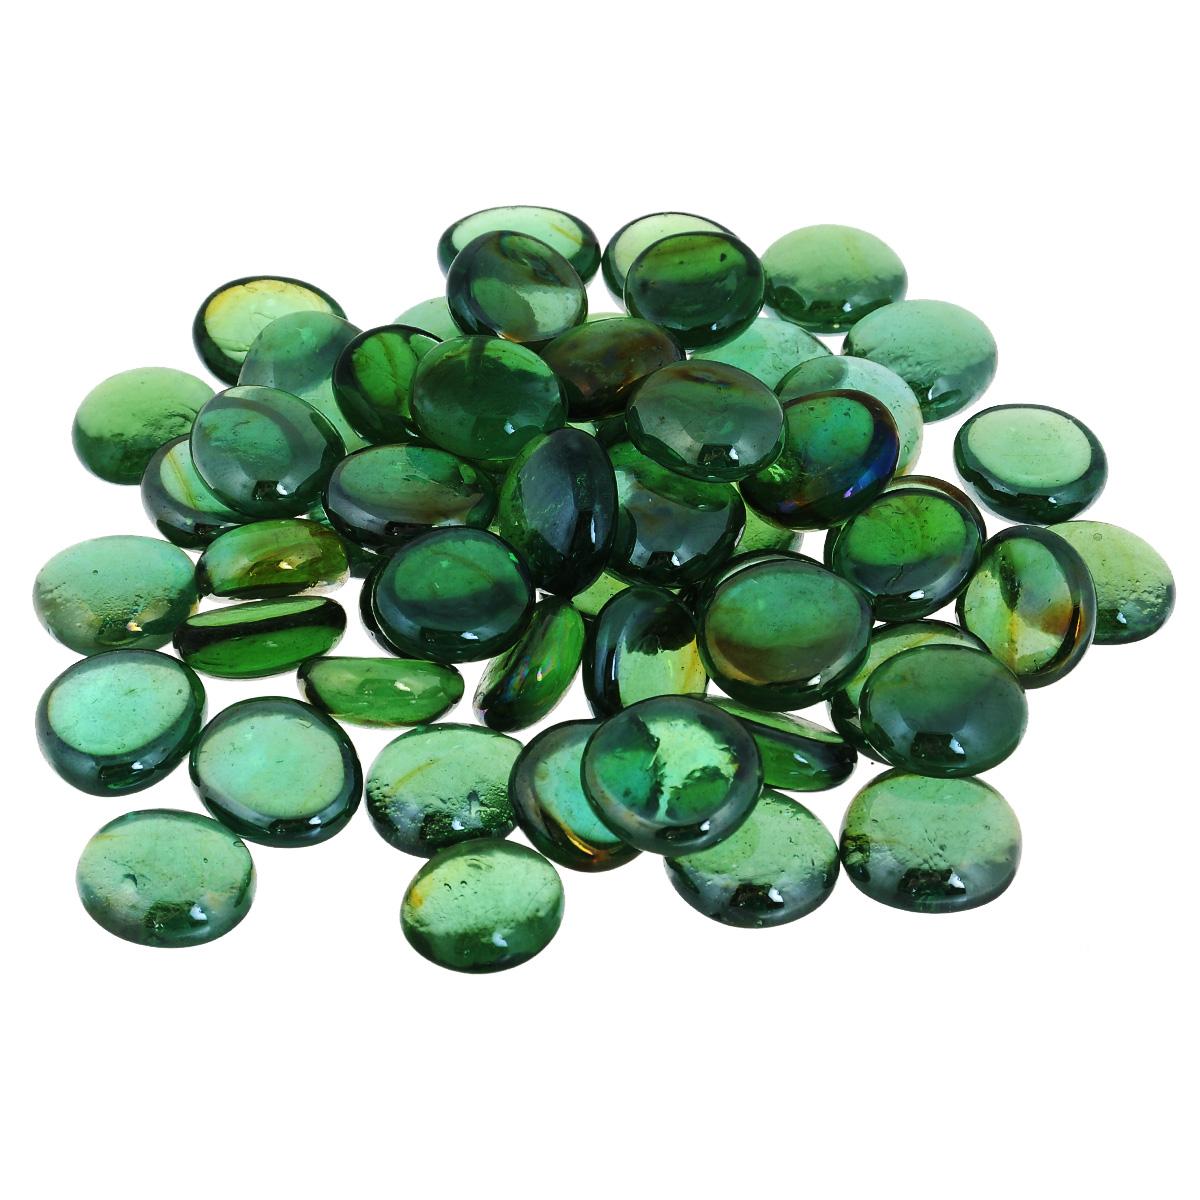 Набор декоративных камней Круглые, цвет: зеленый, 300 г812-002 зеленыйНабор декоративных камней Круглые, выполненный из стекла, замечательно подойдет для украшения вашего дома. Его можно использовать для создания индивидуального интерьера, а также как наполнитель декоративных ваз. Декоративные камни создают чувство уюта и улучшают настроение.